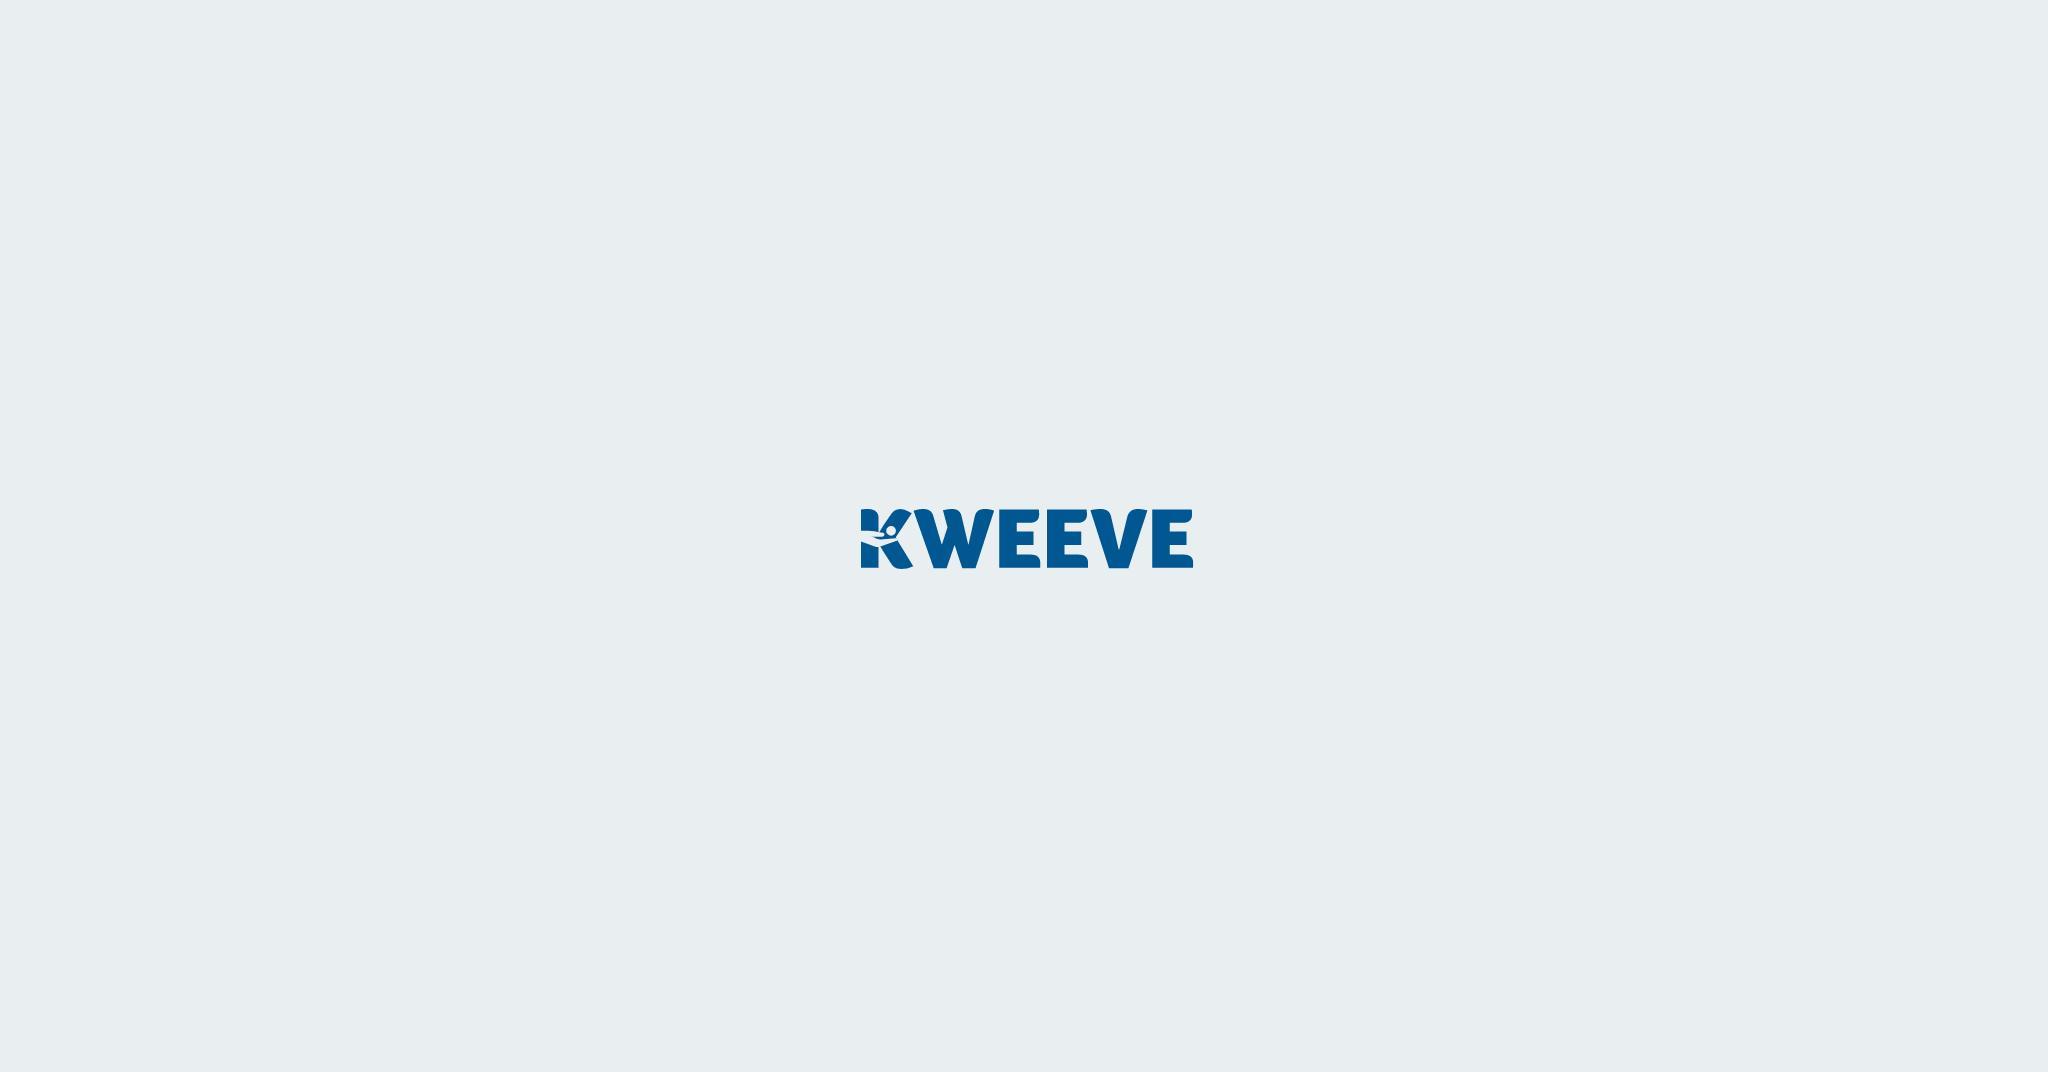 Kweeve